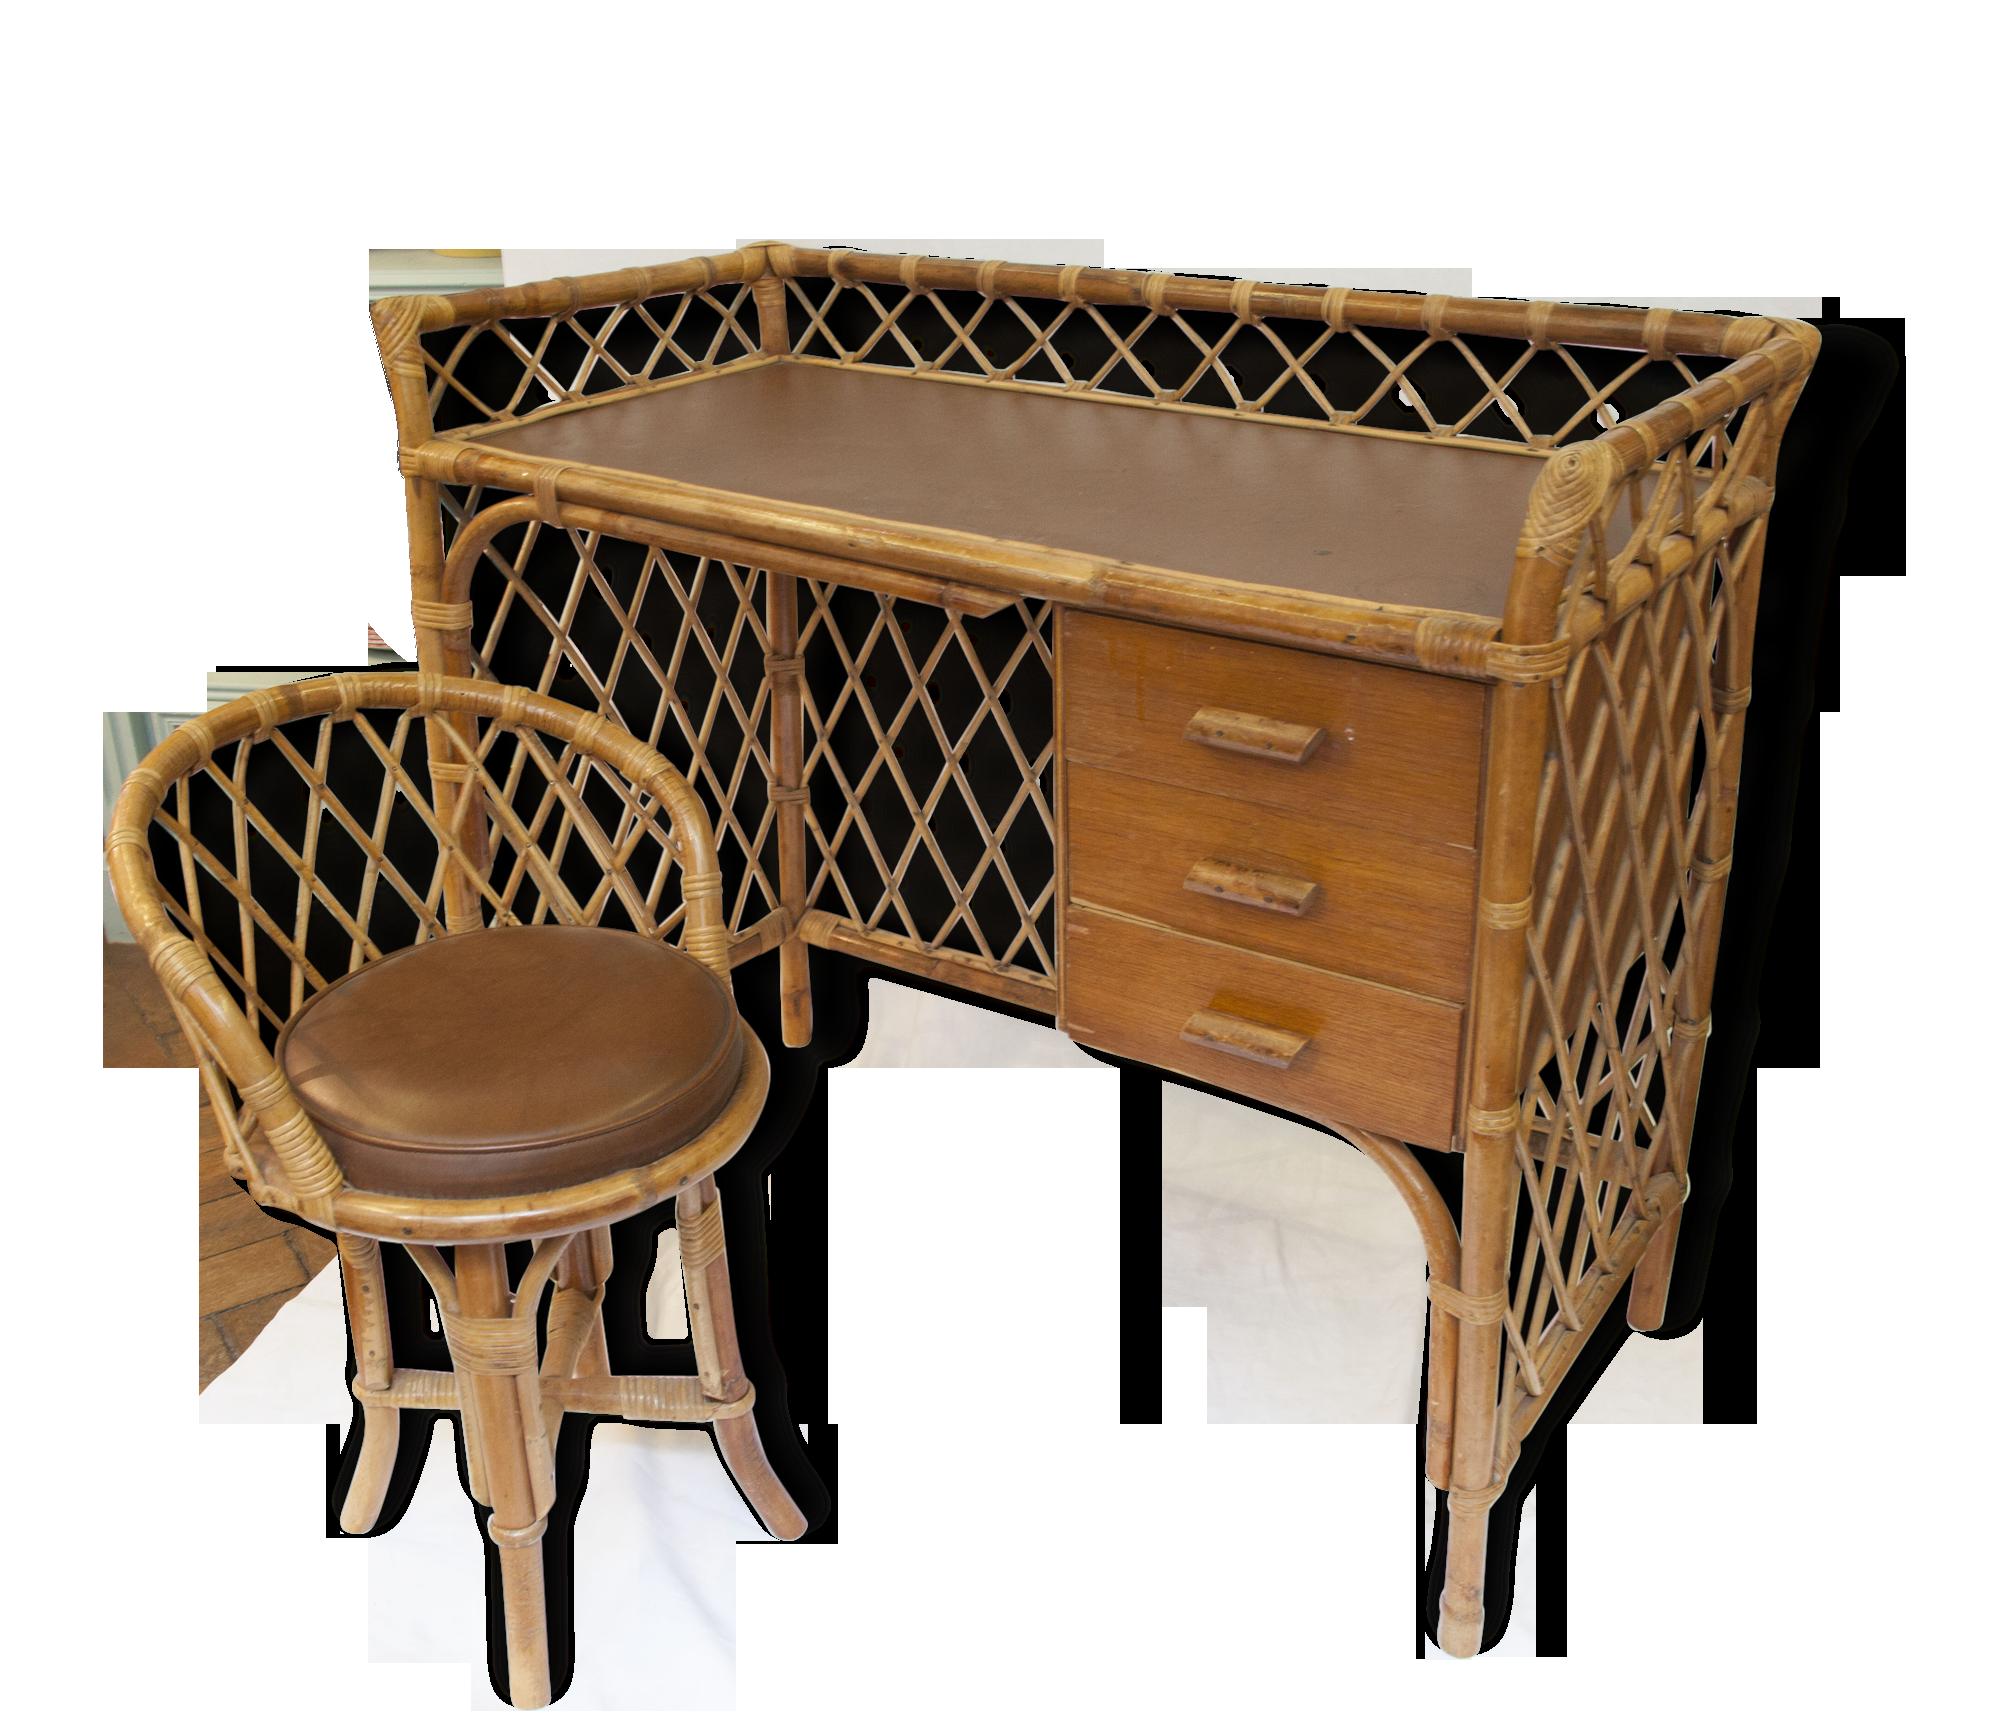 Bureau rotin croisillons dans le style royère avec son siège